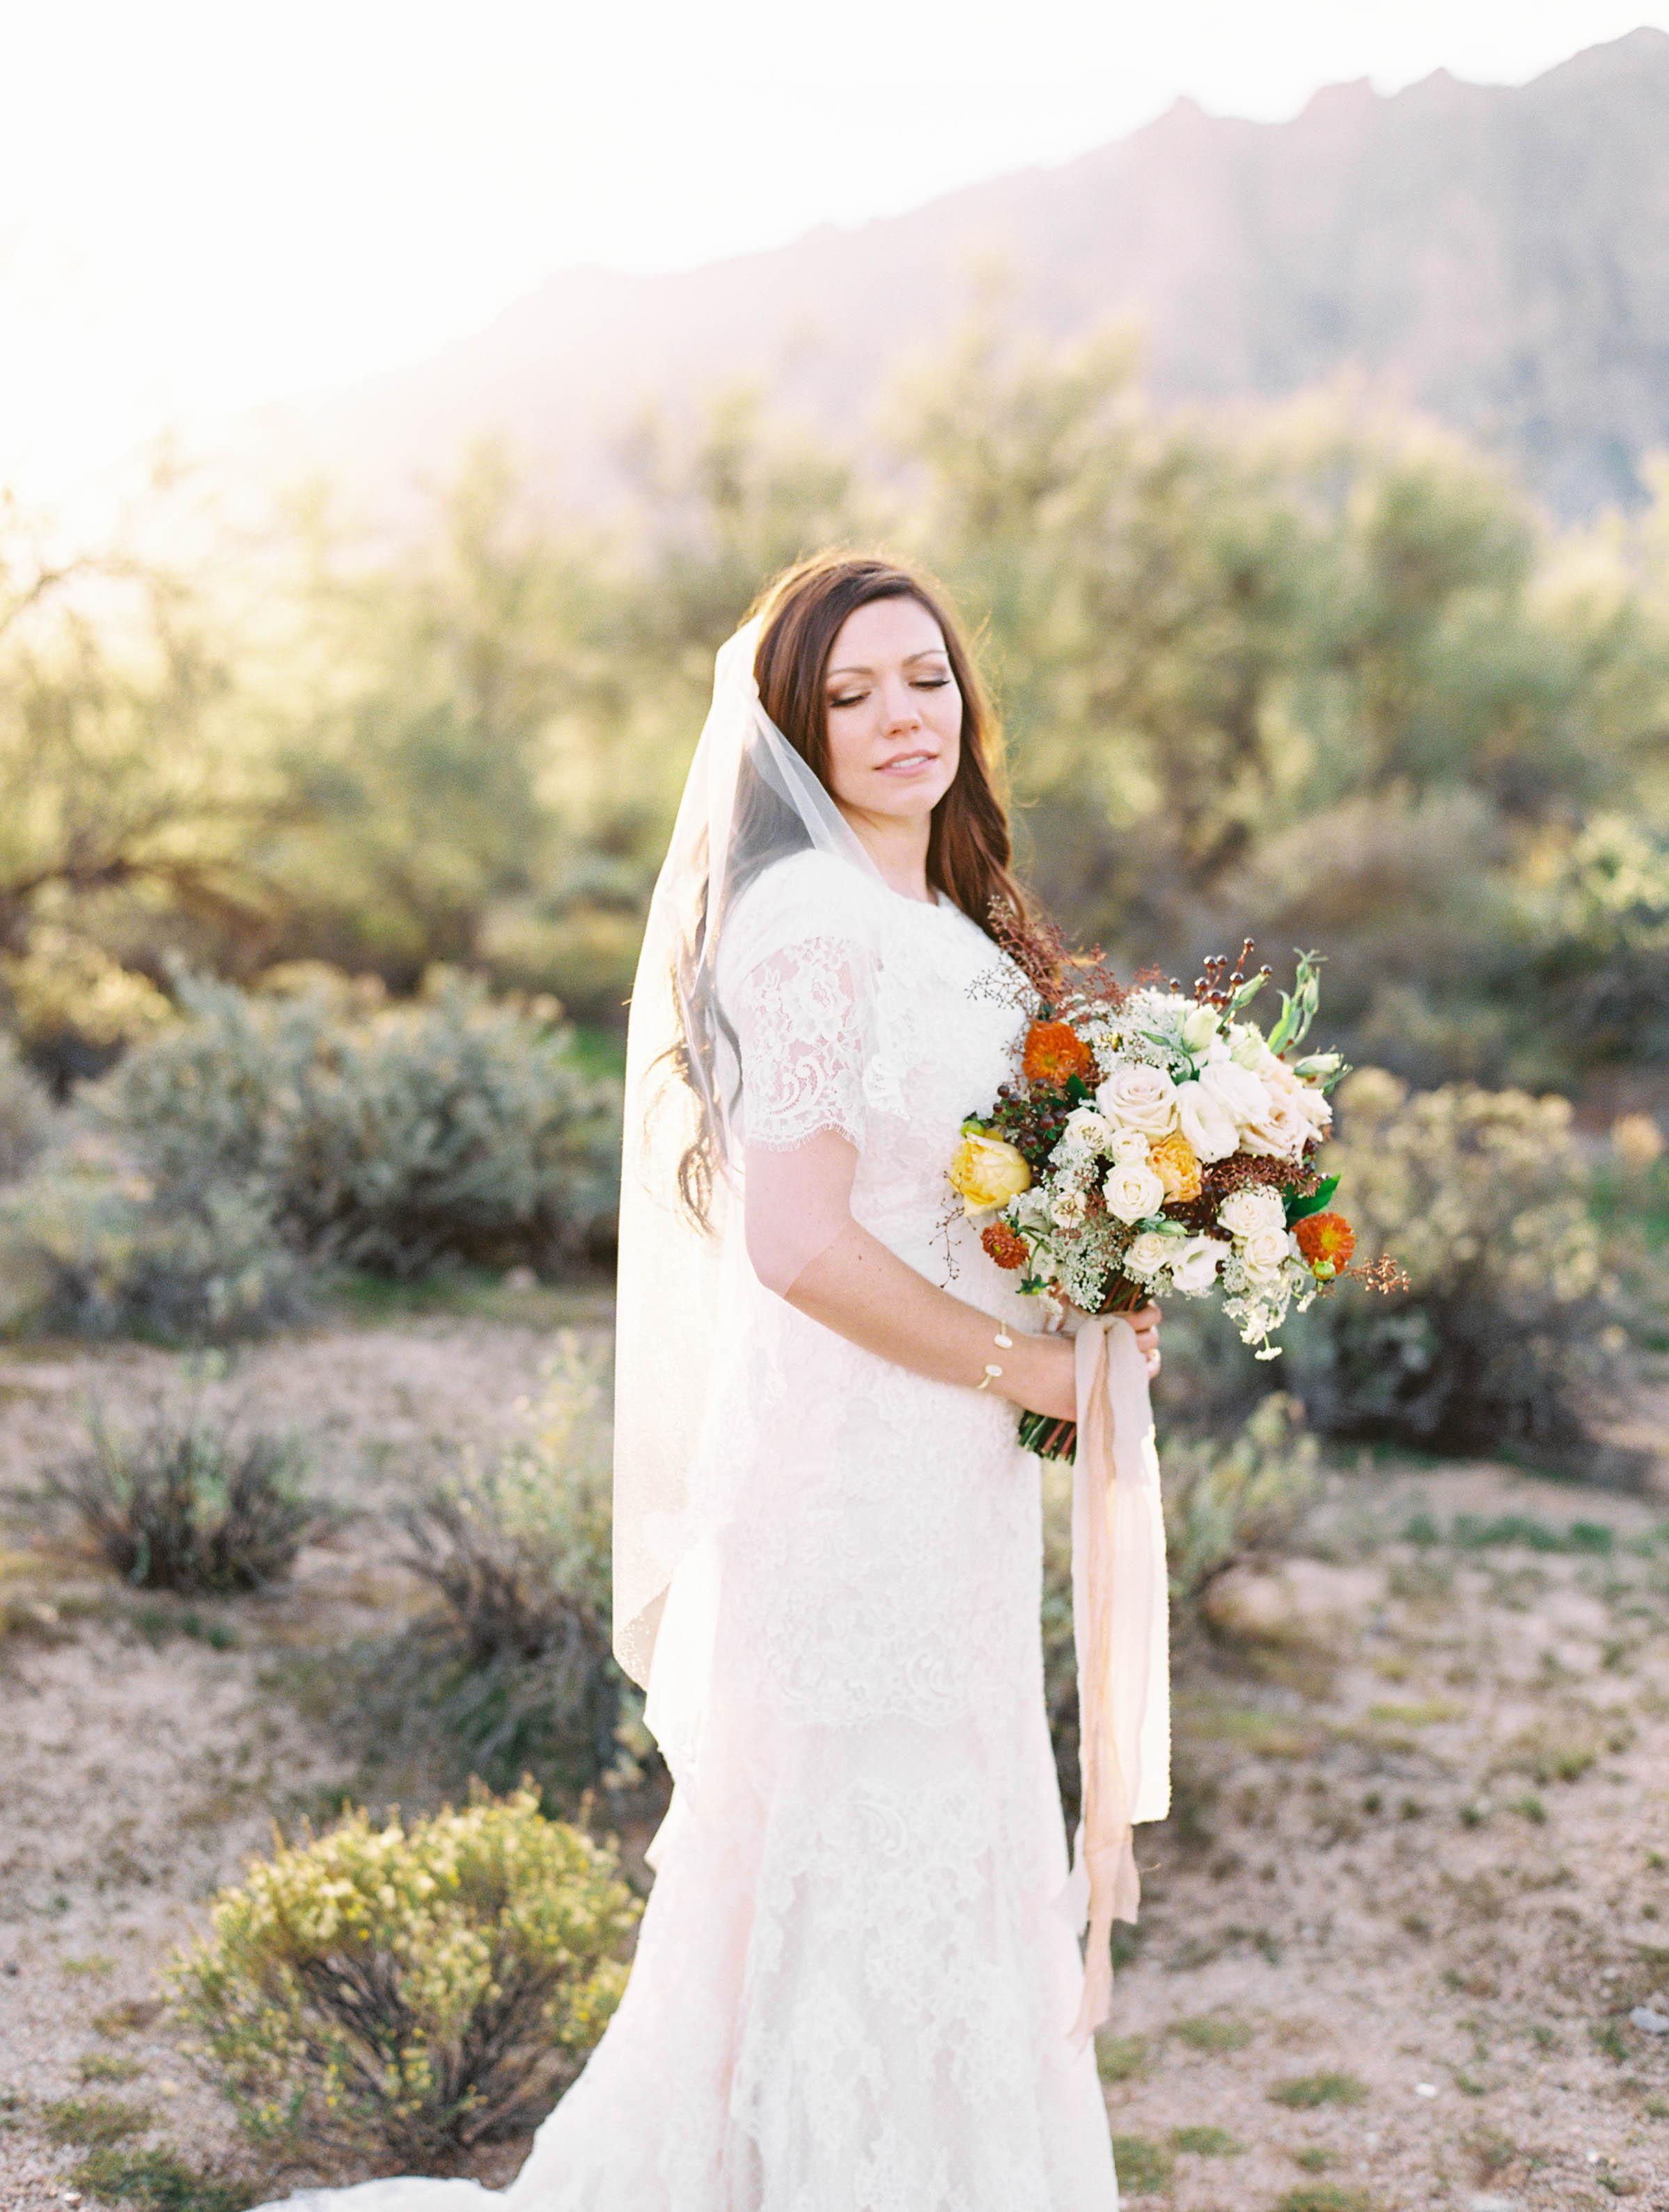 kelsandmichael_weddingphotography_coffey-116.jpg